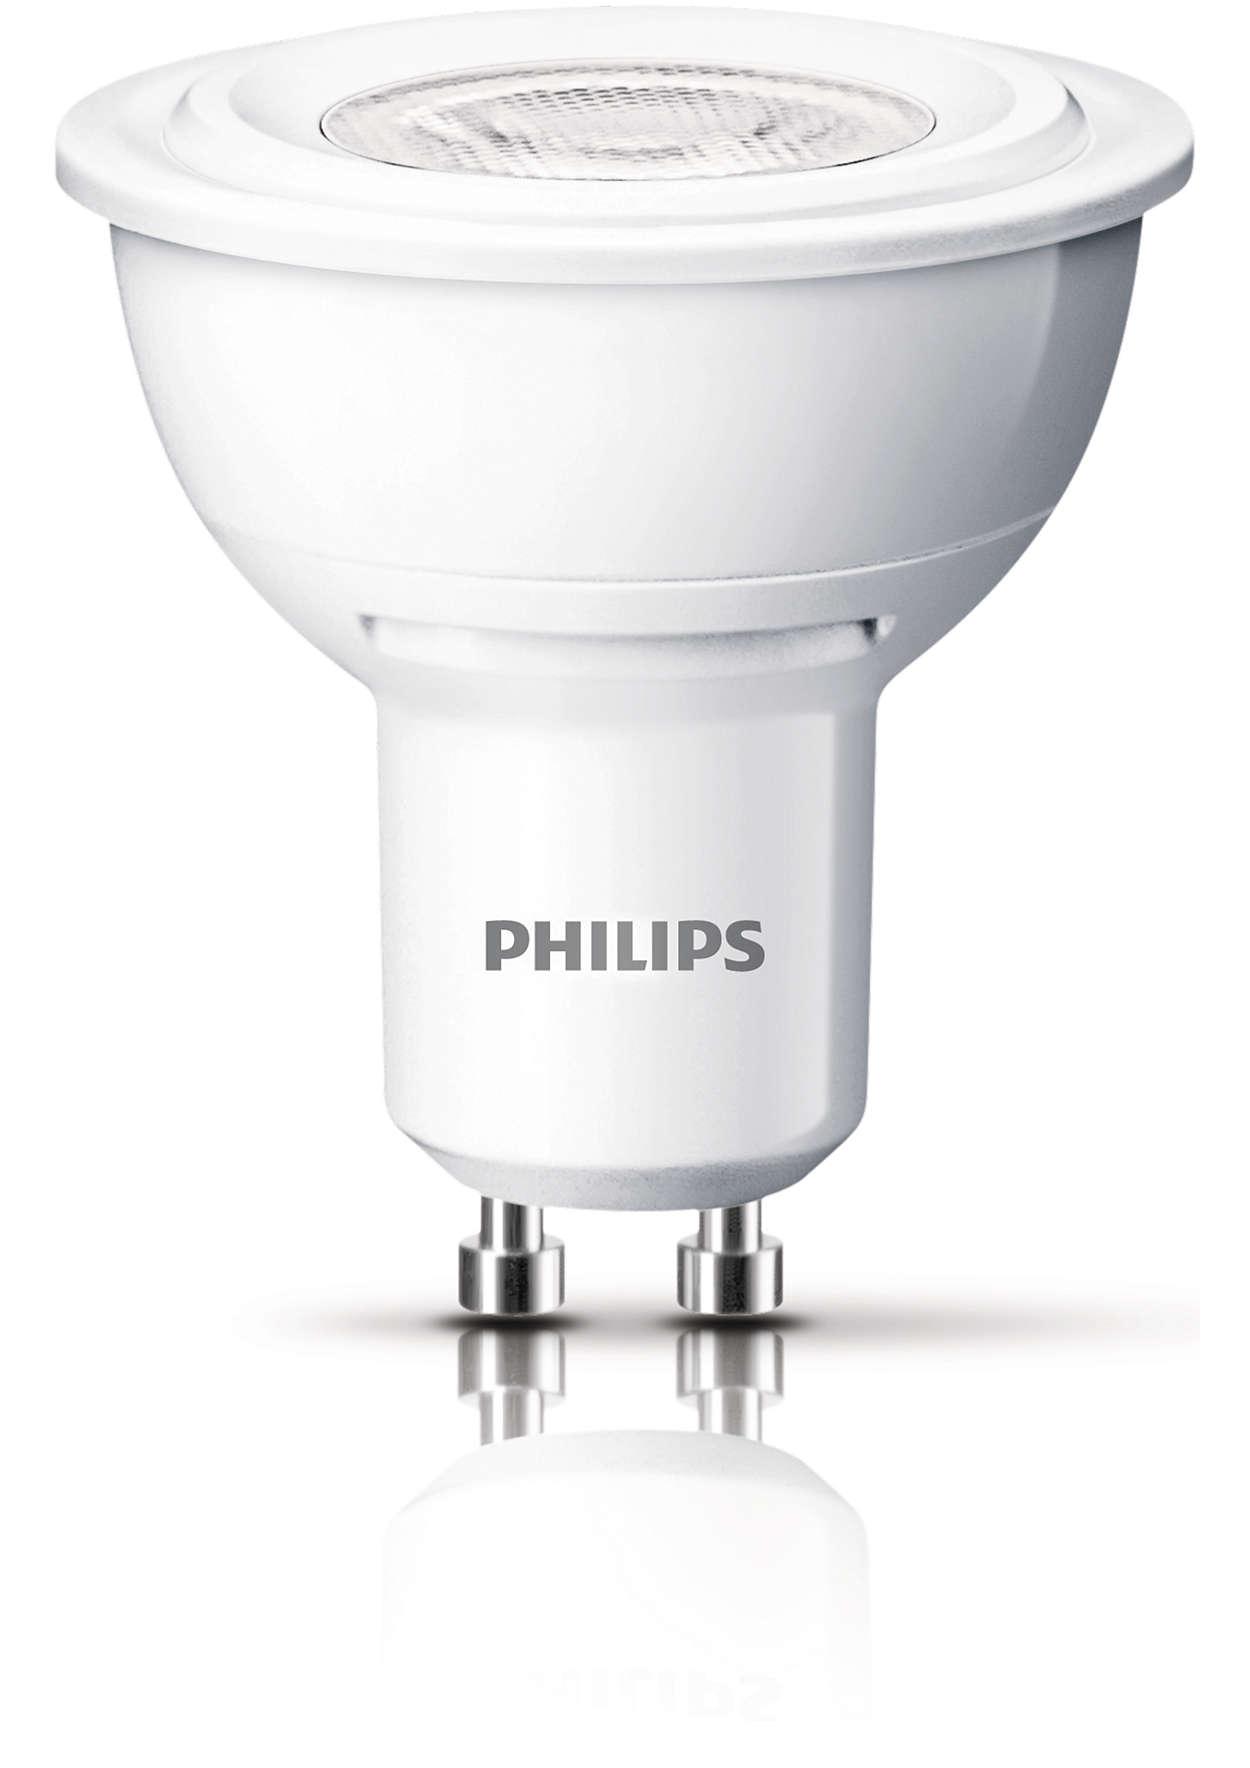 Odolné zvýrazňujúce osvetlenie s koncentrovaným jasným svetlom